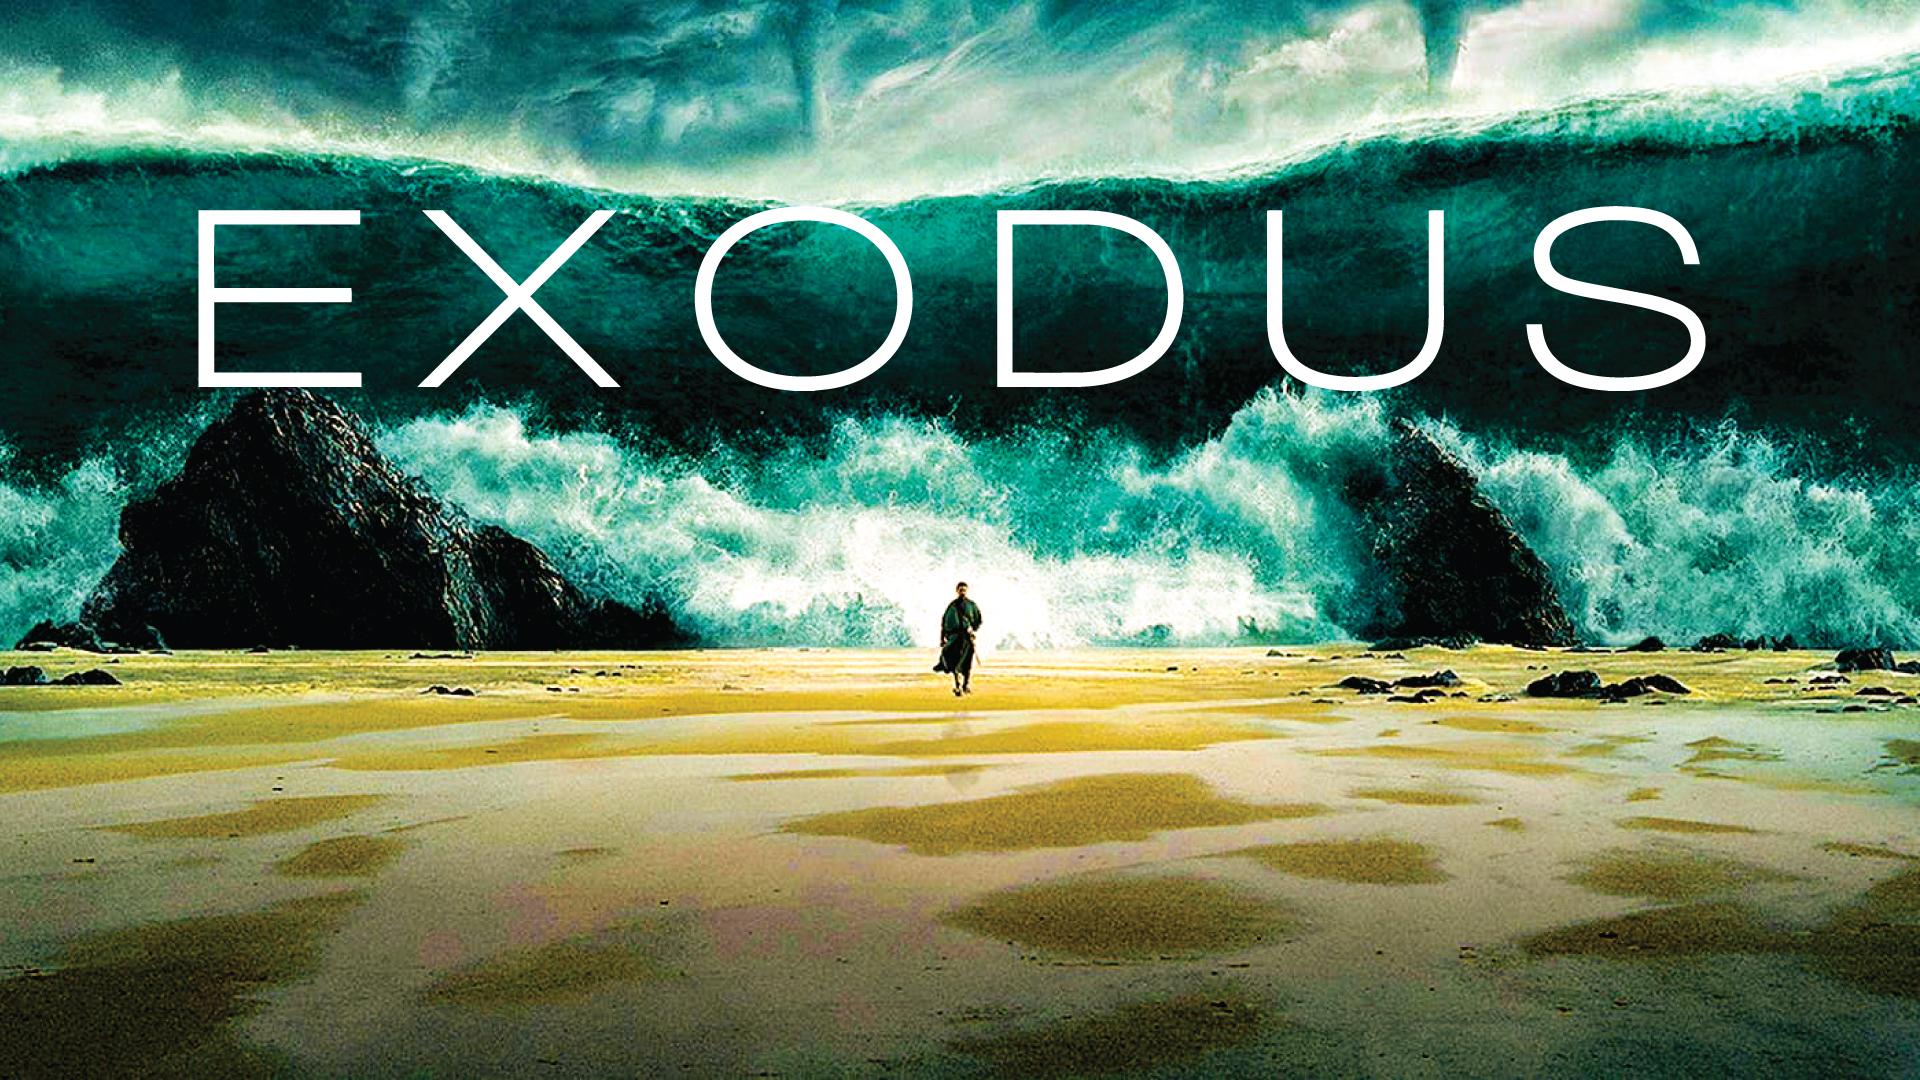 Exodus_Series.jpg